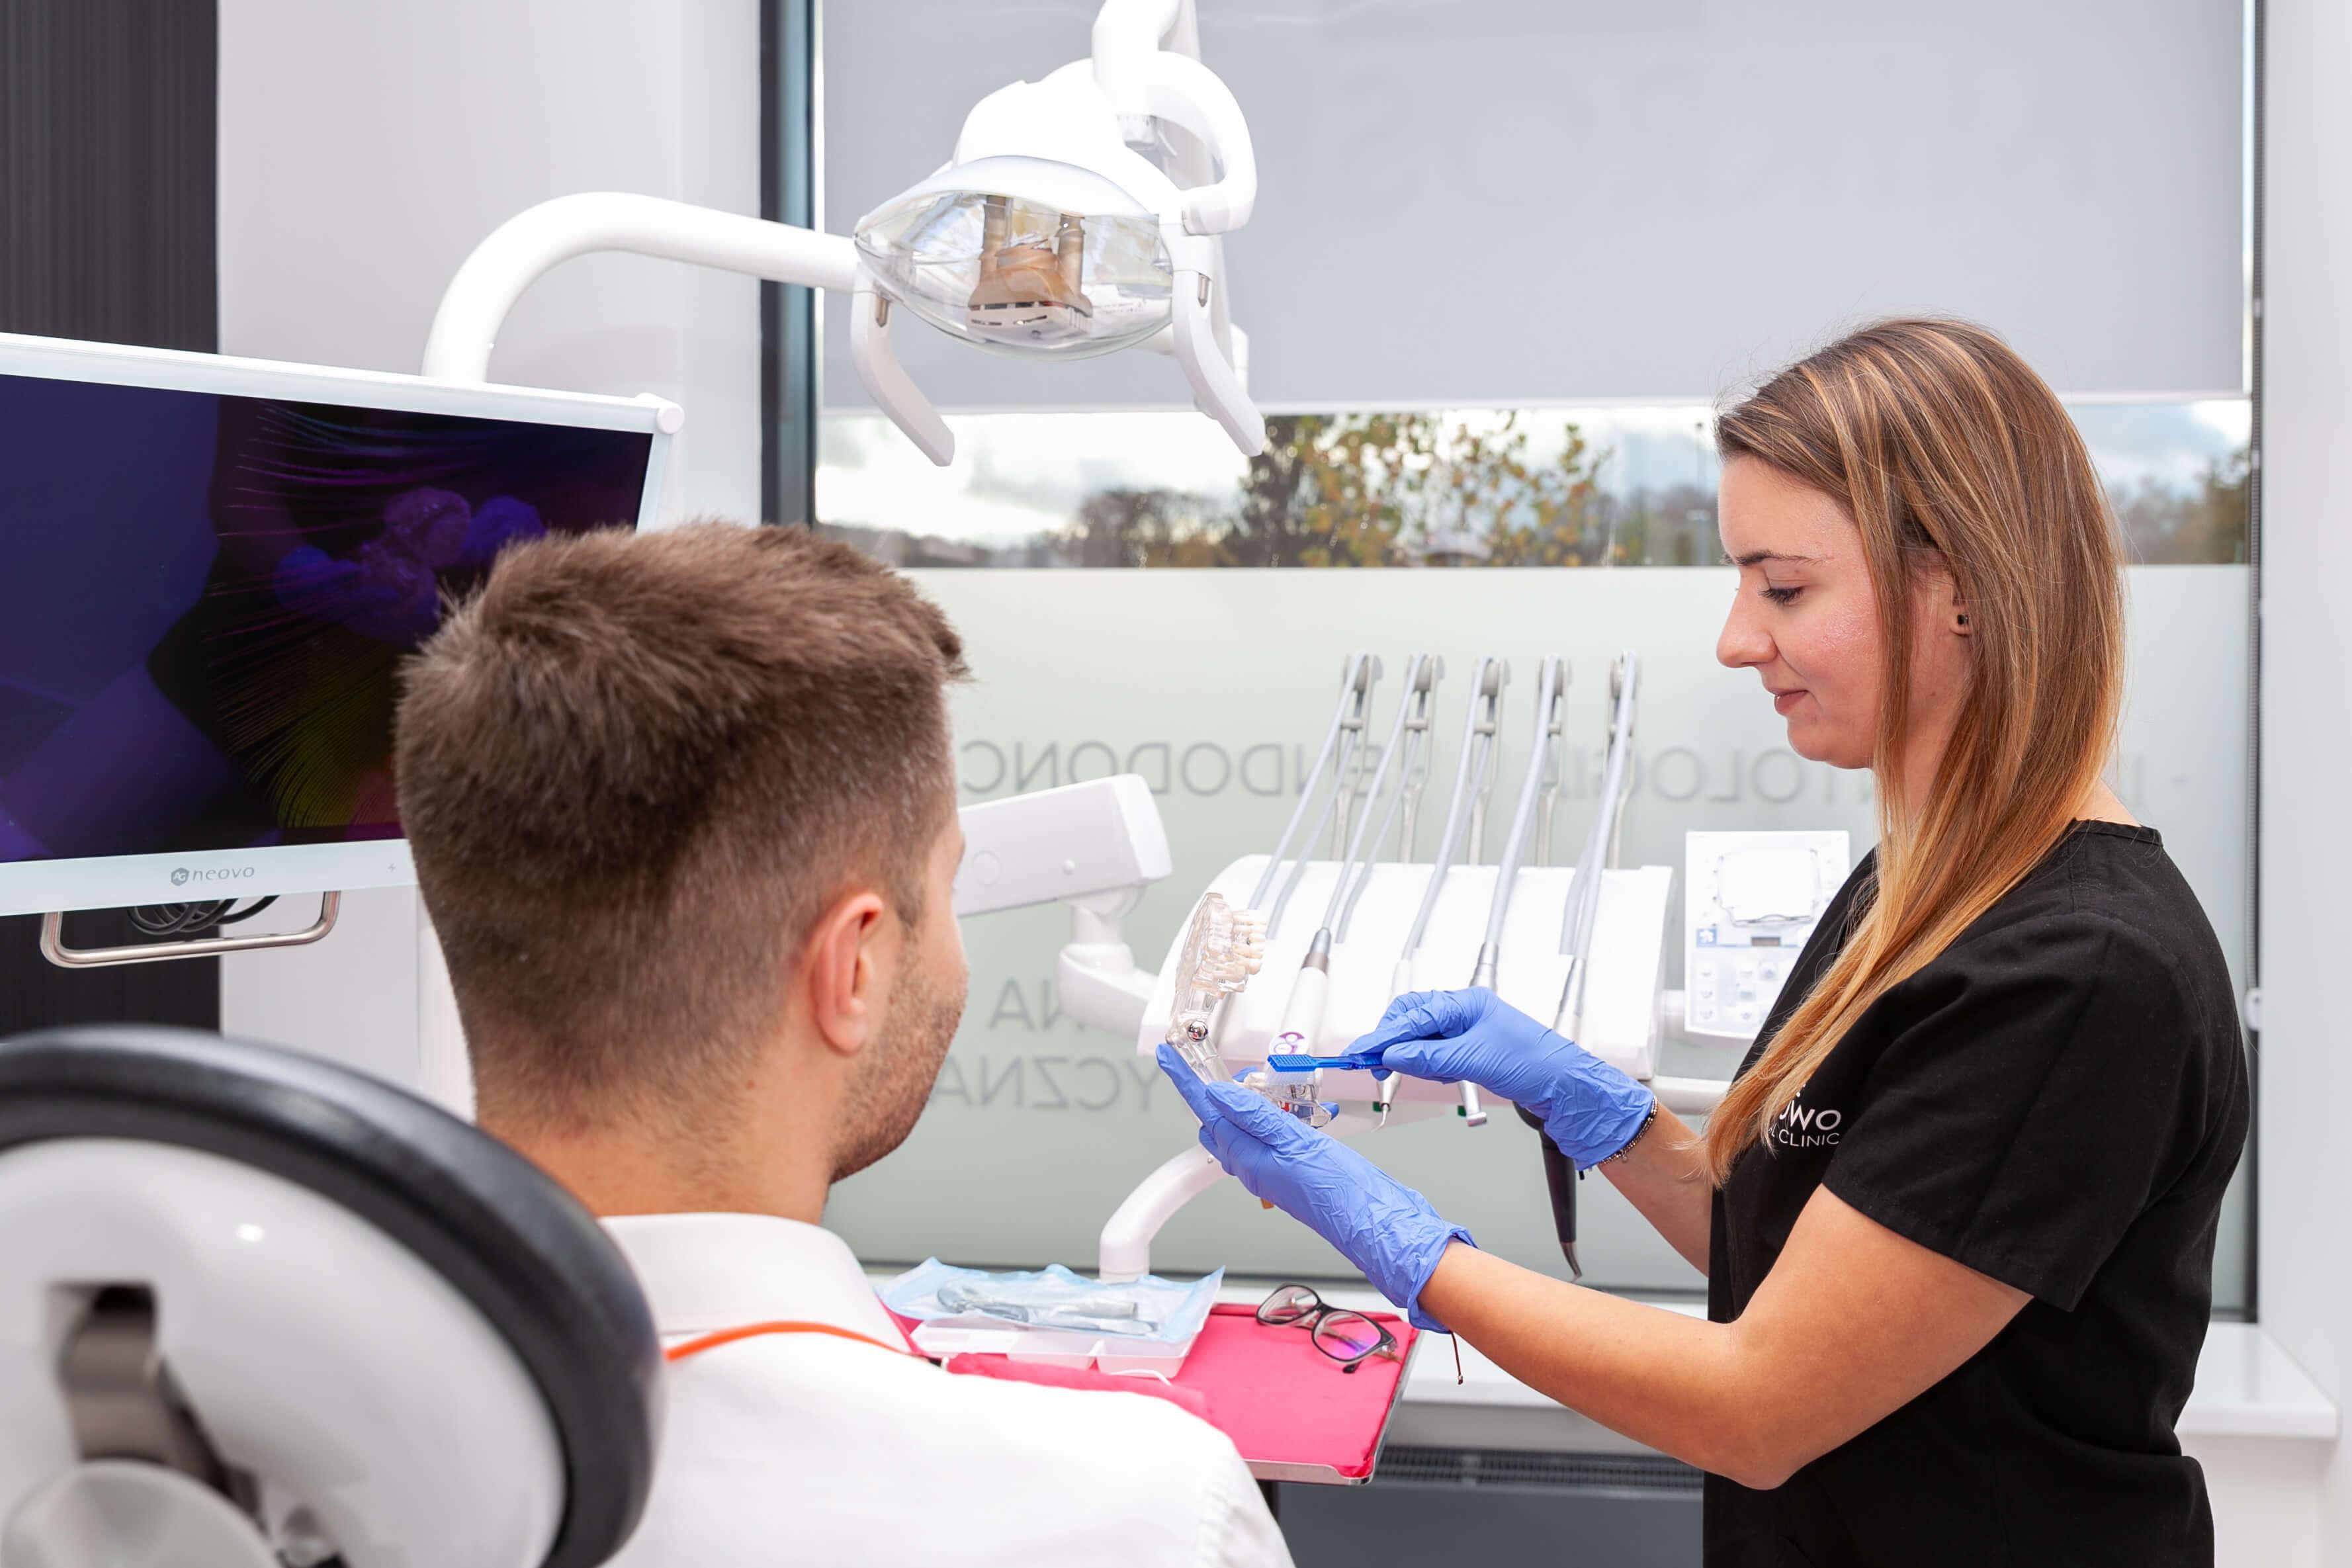 Nowe Orłowo Dental clinic 7 - Nowe Orłowo Dental Clinic – klinika godna zaufania